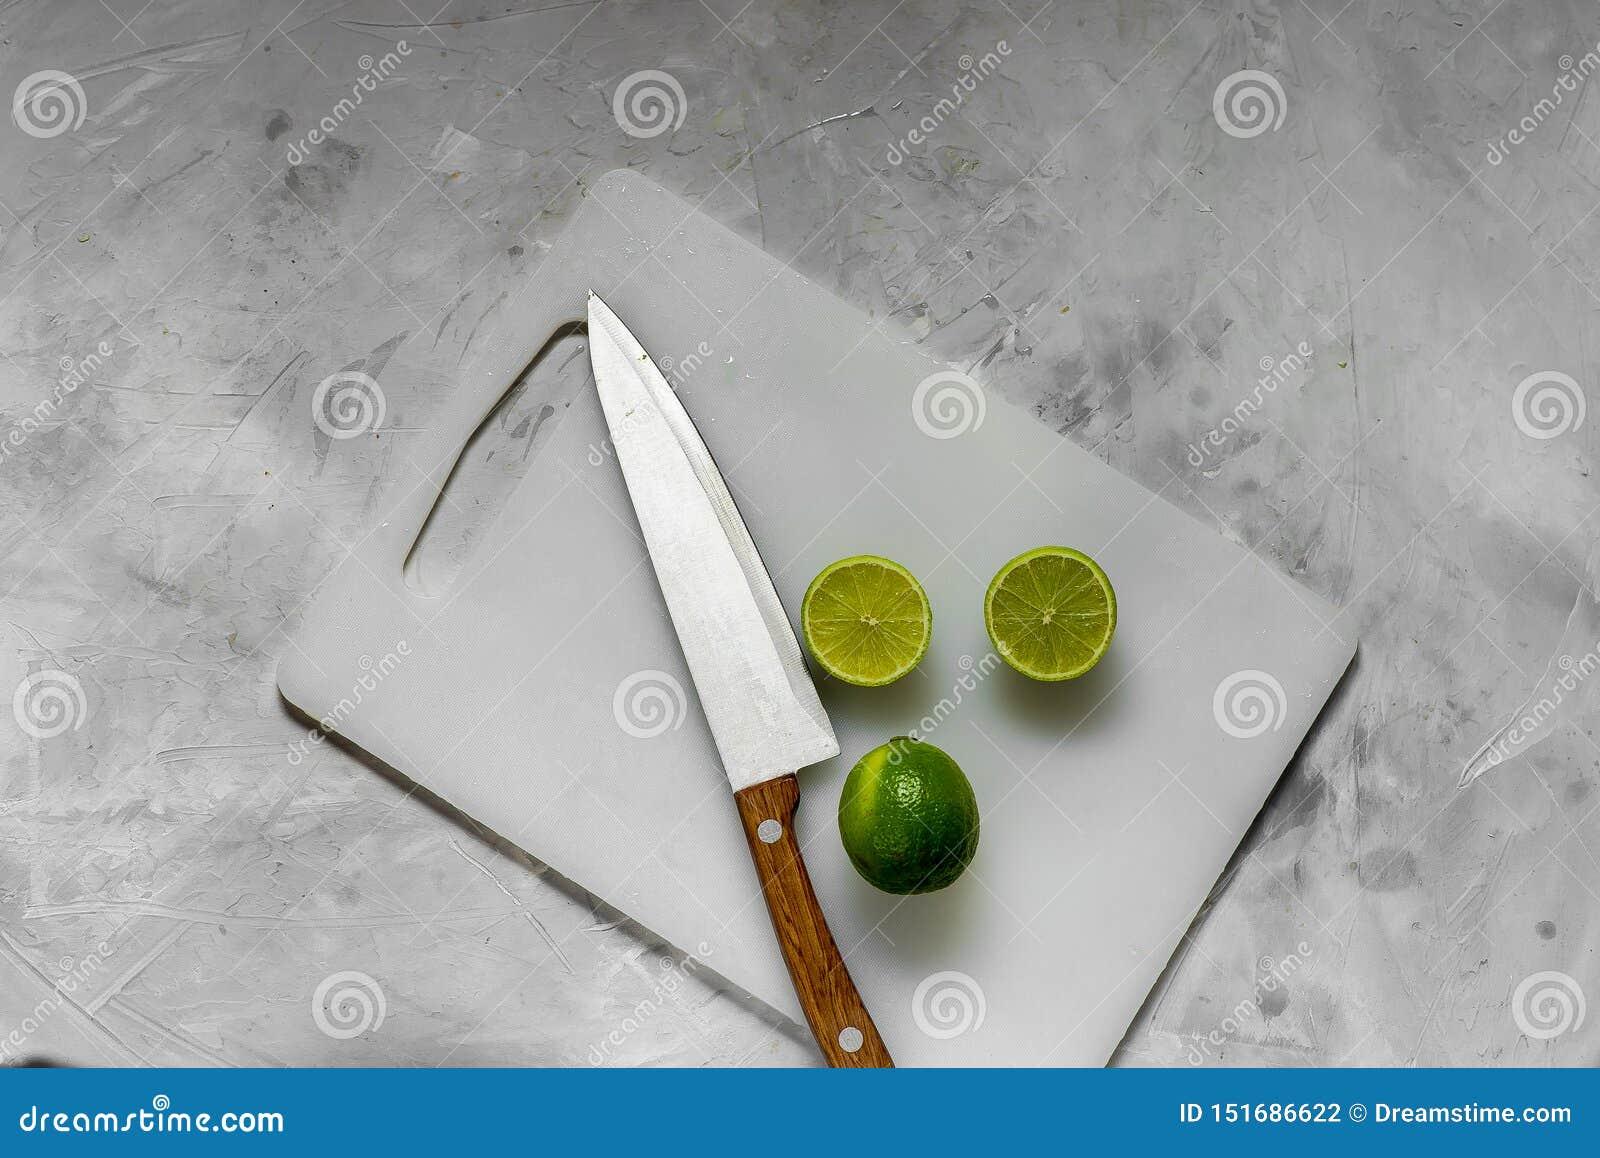 Scheiben des frischen grünen Kalkes auf dem Küchenlichtbrett